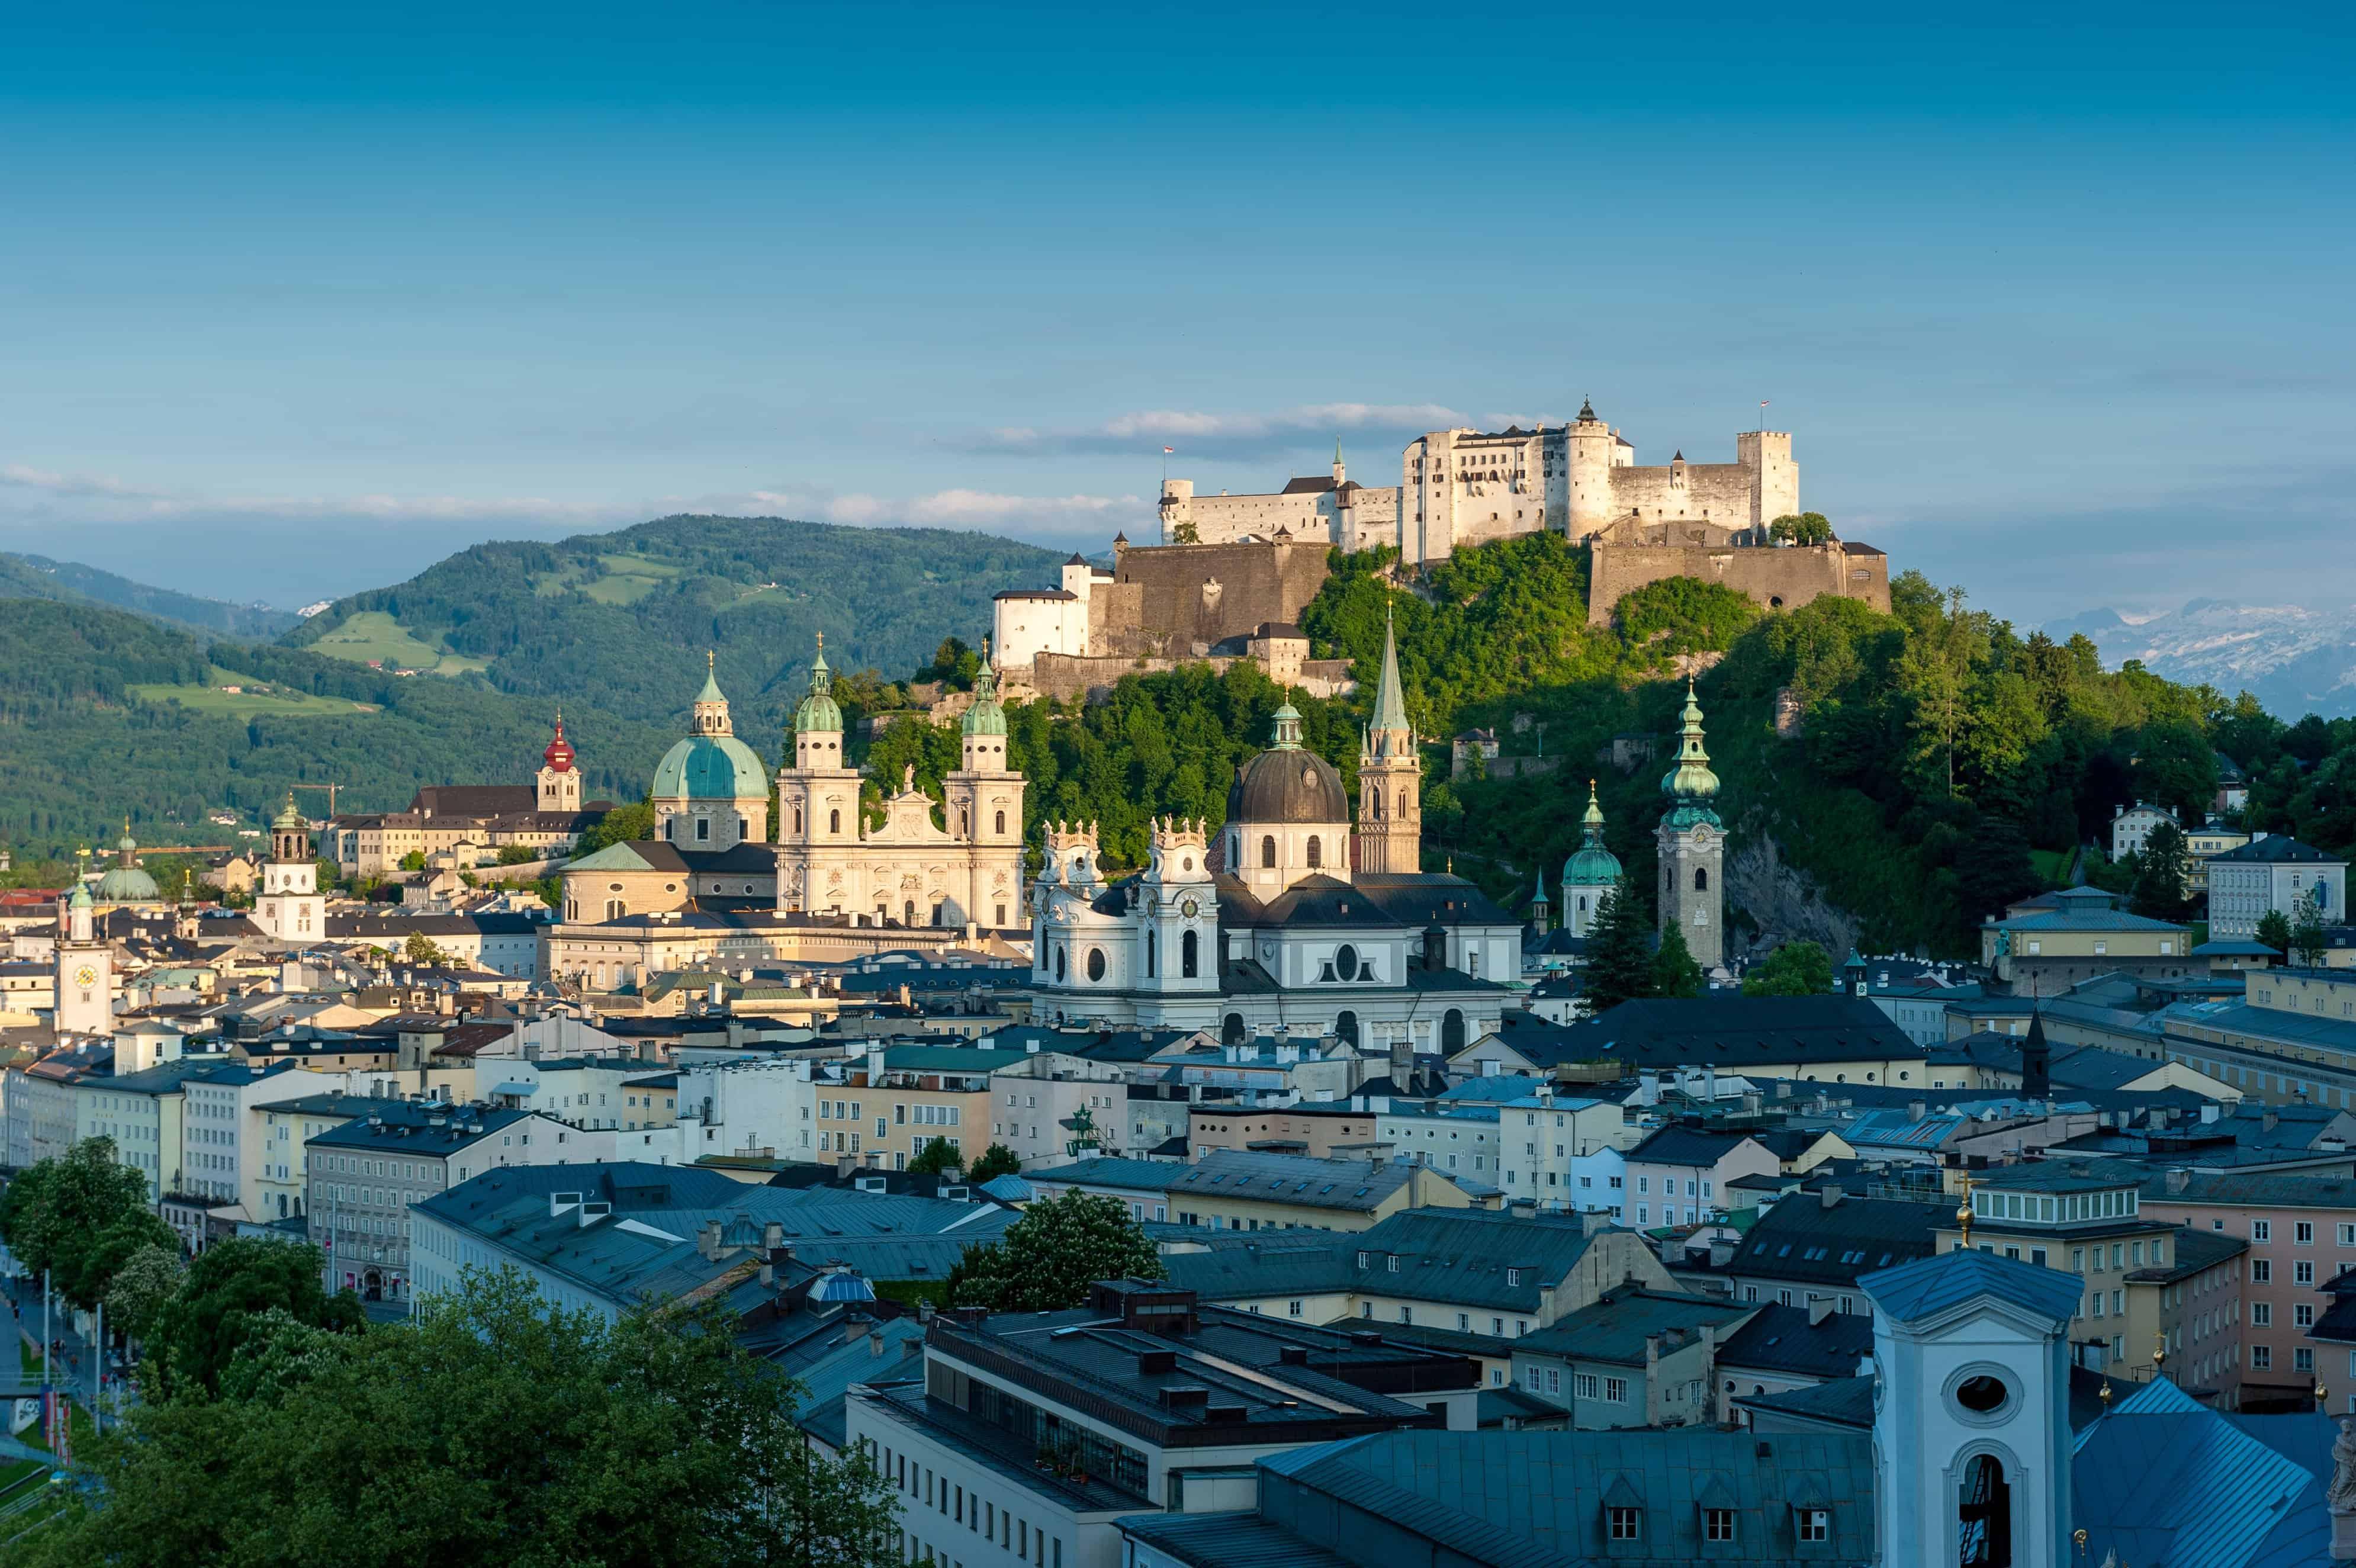 افضل 5 أنشطة في متحف بيت الطبيعة سالزبورغ النمسا